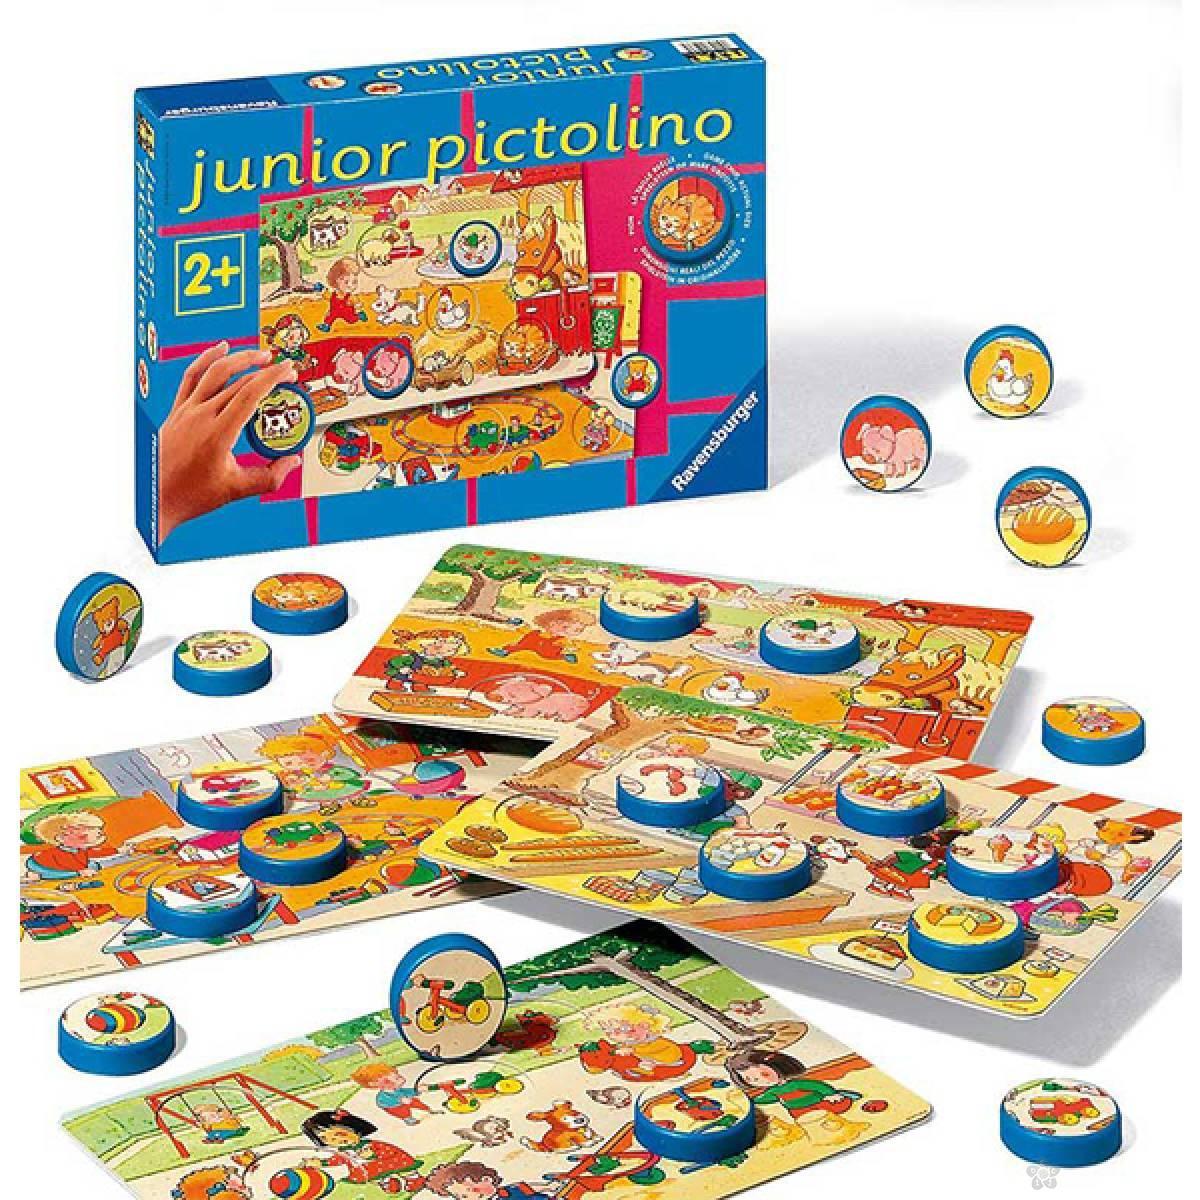 Društvena igra Junior Pictolino RA24036